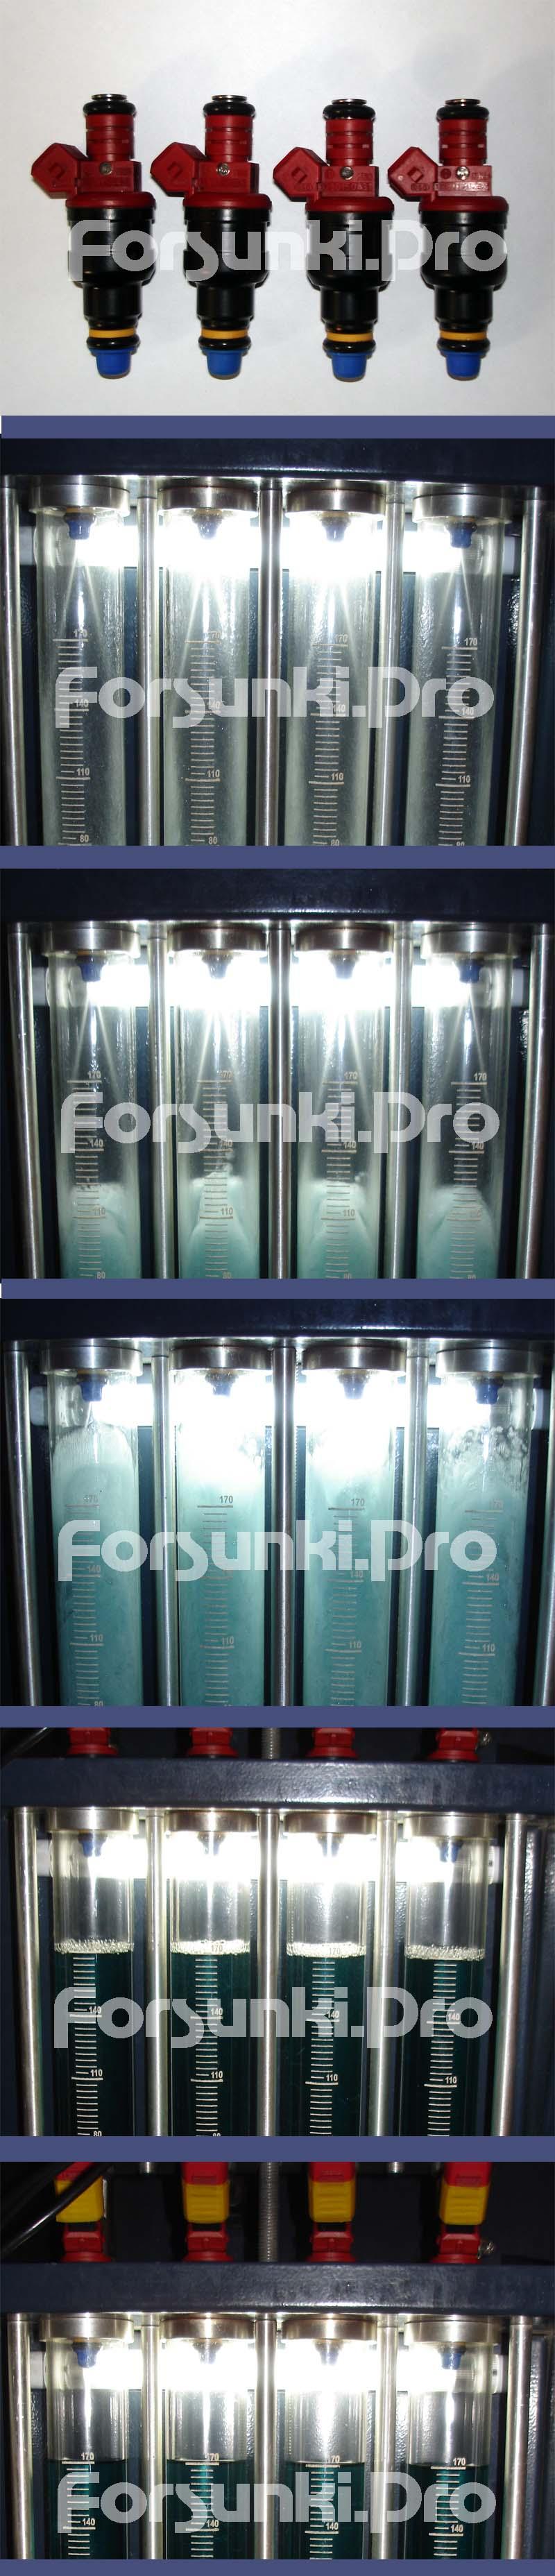 Проверка( проливка ) форсунок, замена фильтров, шайб, колпачков Photodoc